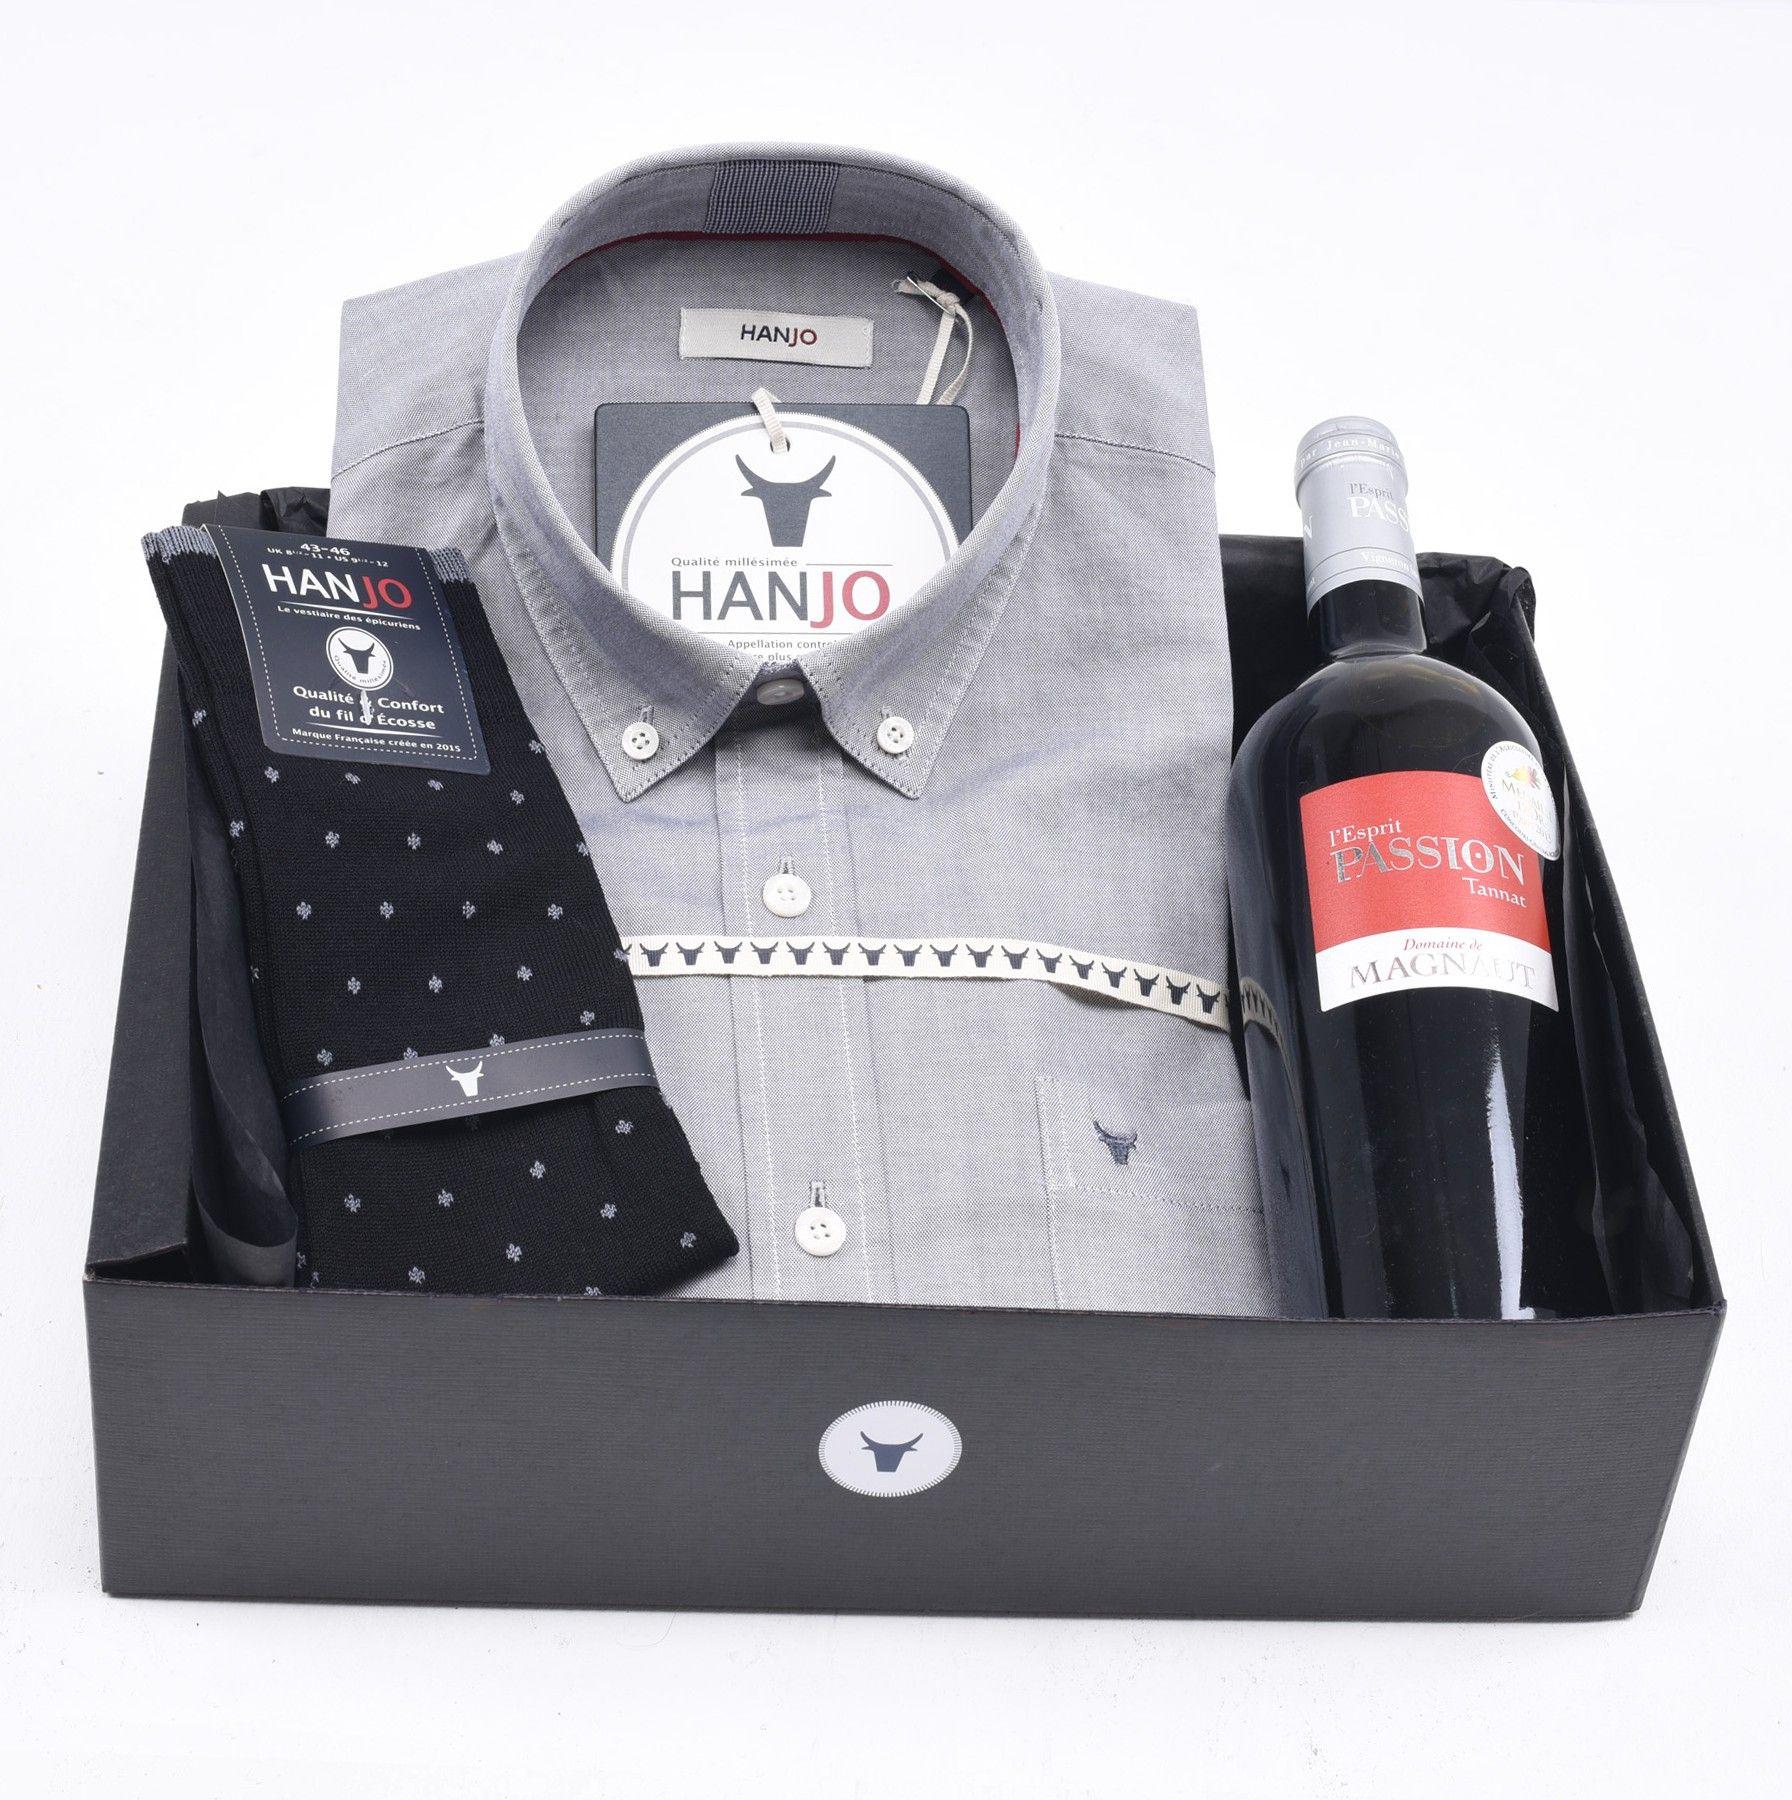 """Coffret Idée Cadeau de Noël pour Homme """"Premier Cru""""  Chemise Homme grise en tissu oxford + bouteille de vin rouge et chaussettes en fil d'écosse Hanjo, le vestiaire des épicuriens : https://hanjo.fr"""